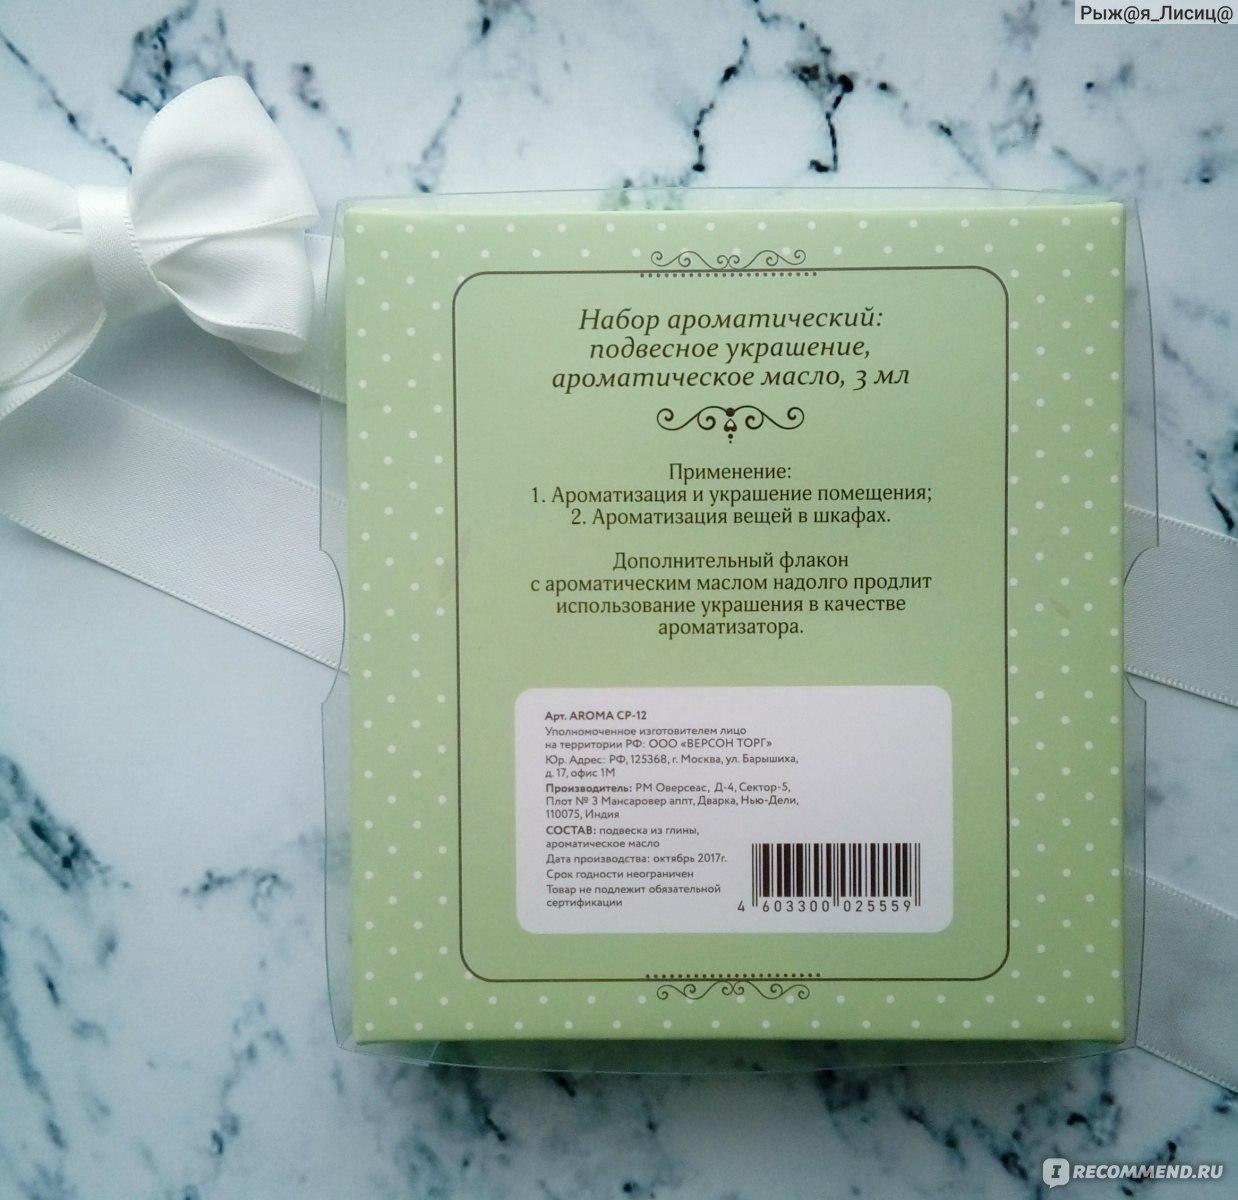 Как сделать розу: обзор способов изготовления своими руками. пошаговые инструкции и 85 фото готовых изделий